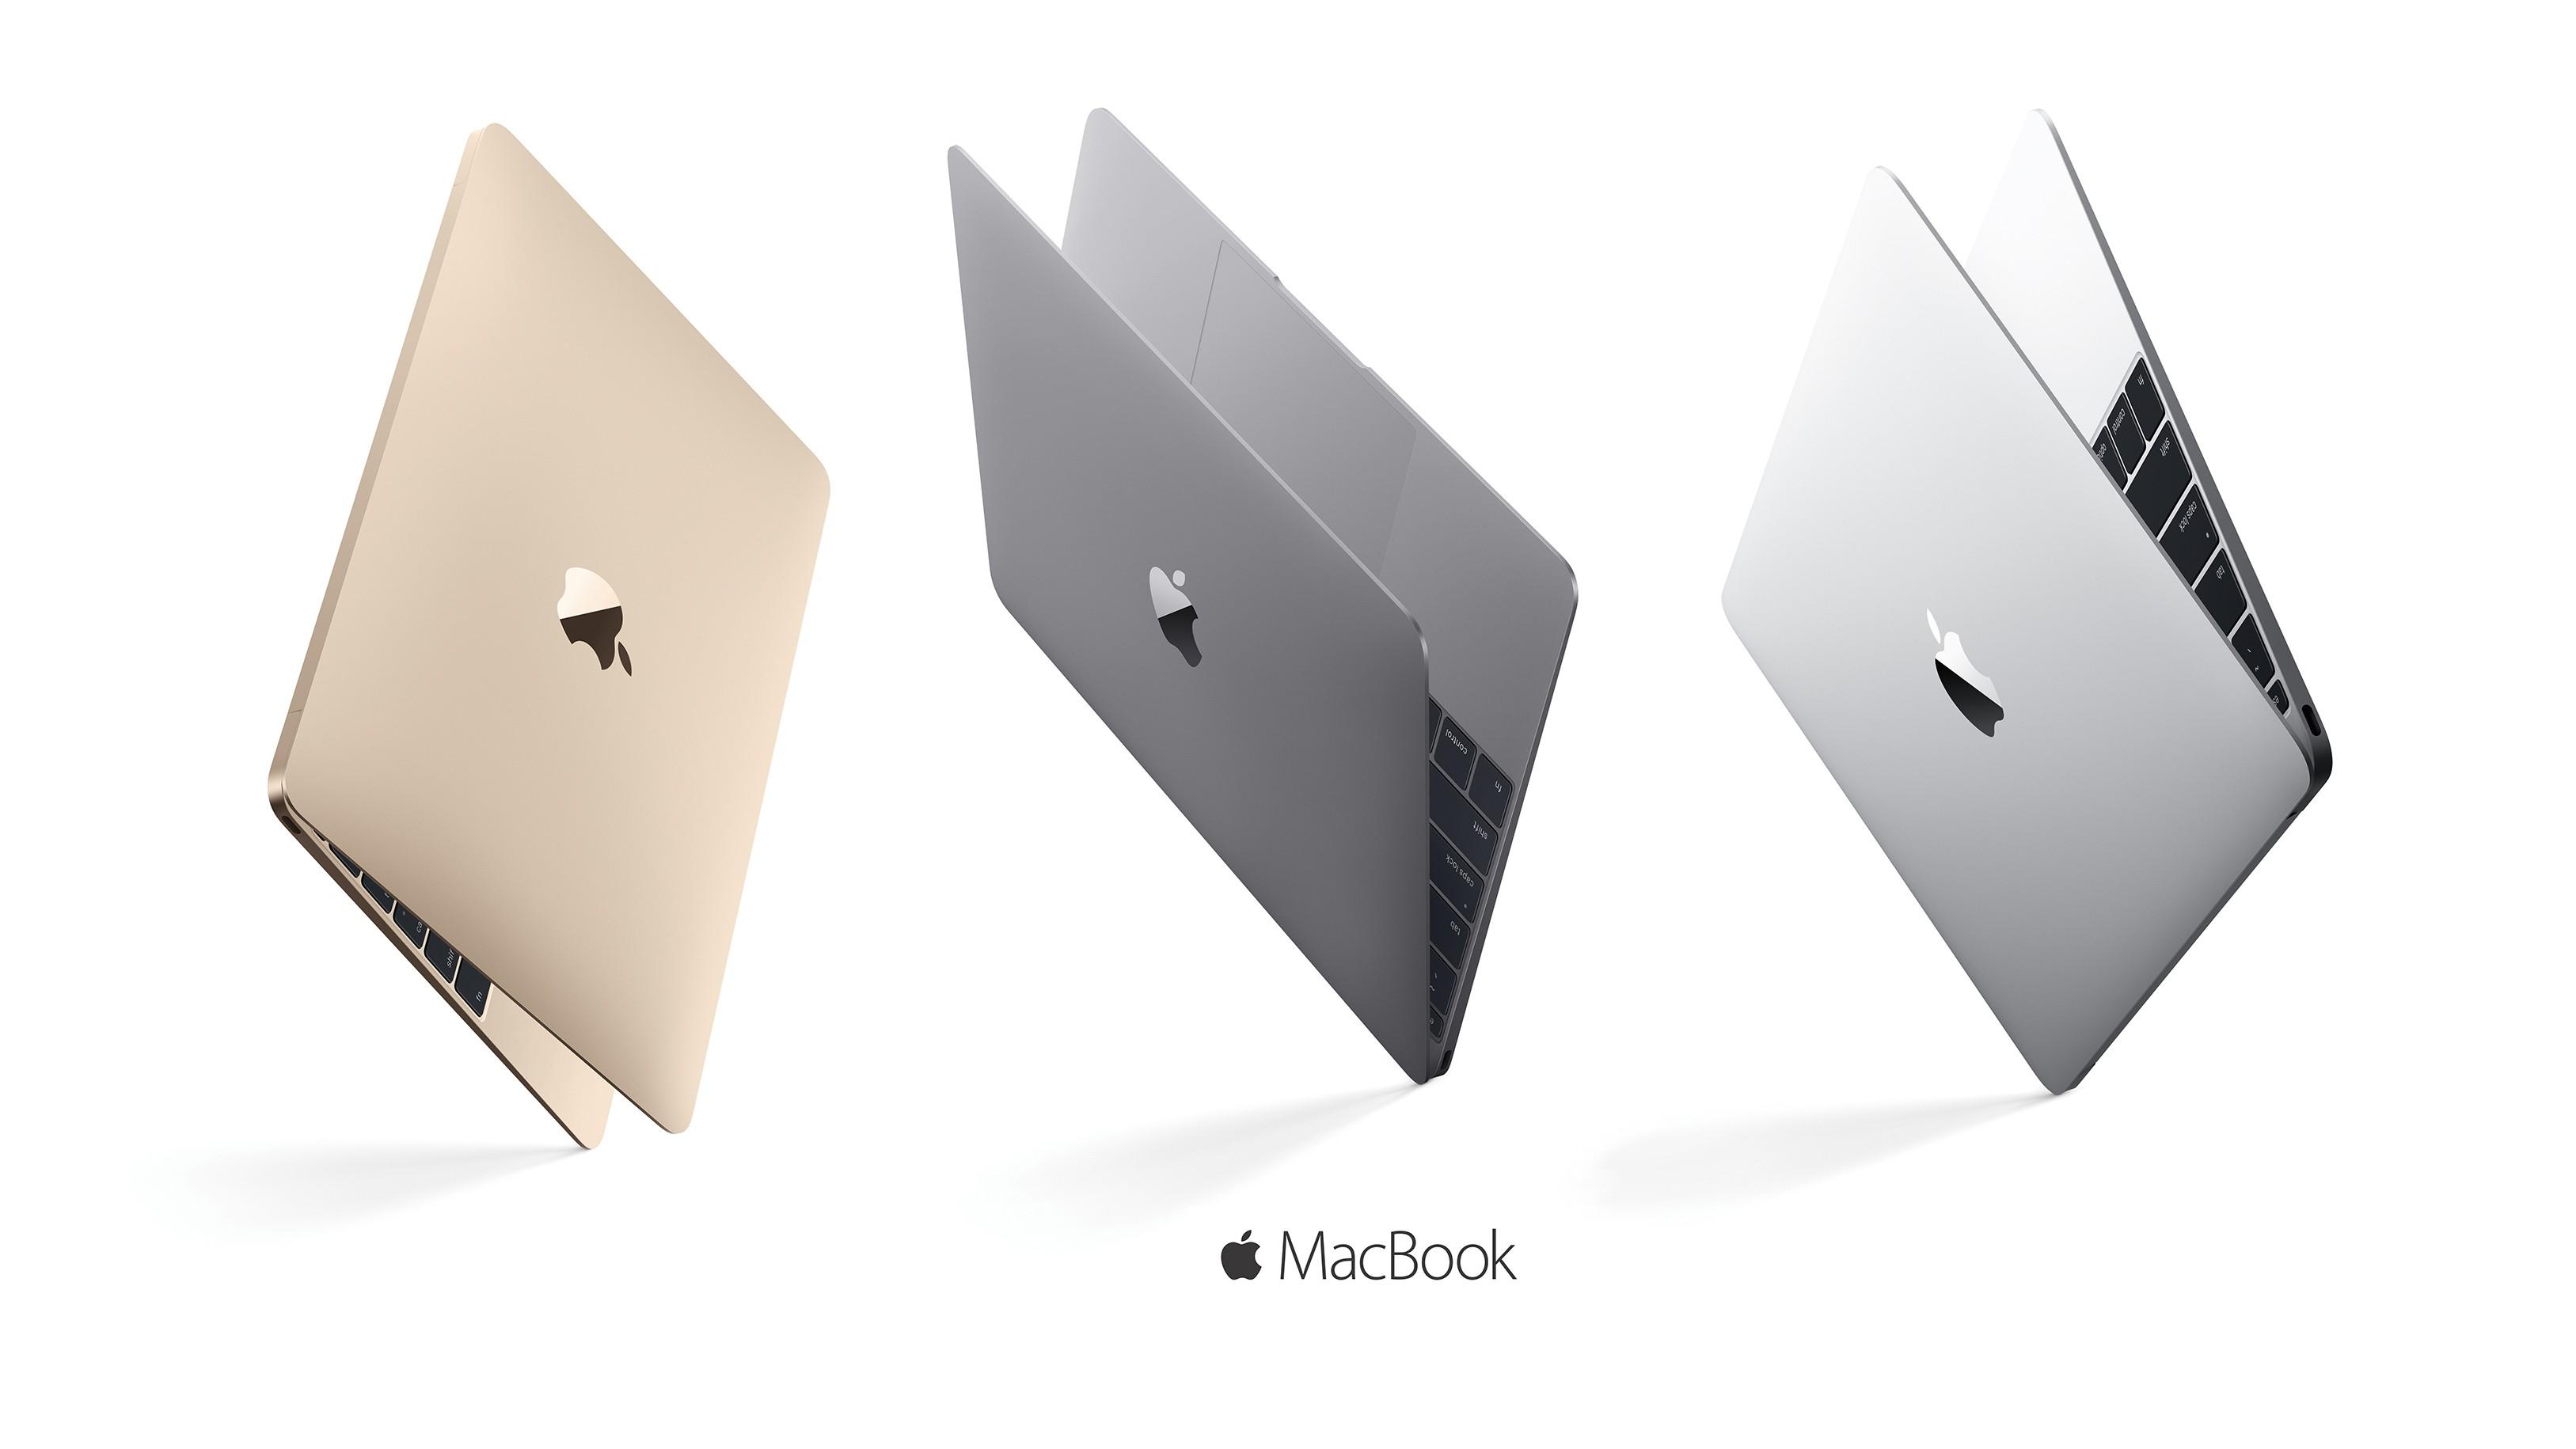 macbook12 1 - Thêm một đại lý uỷ quyền bán Apple Macbook tại Việt Nam